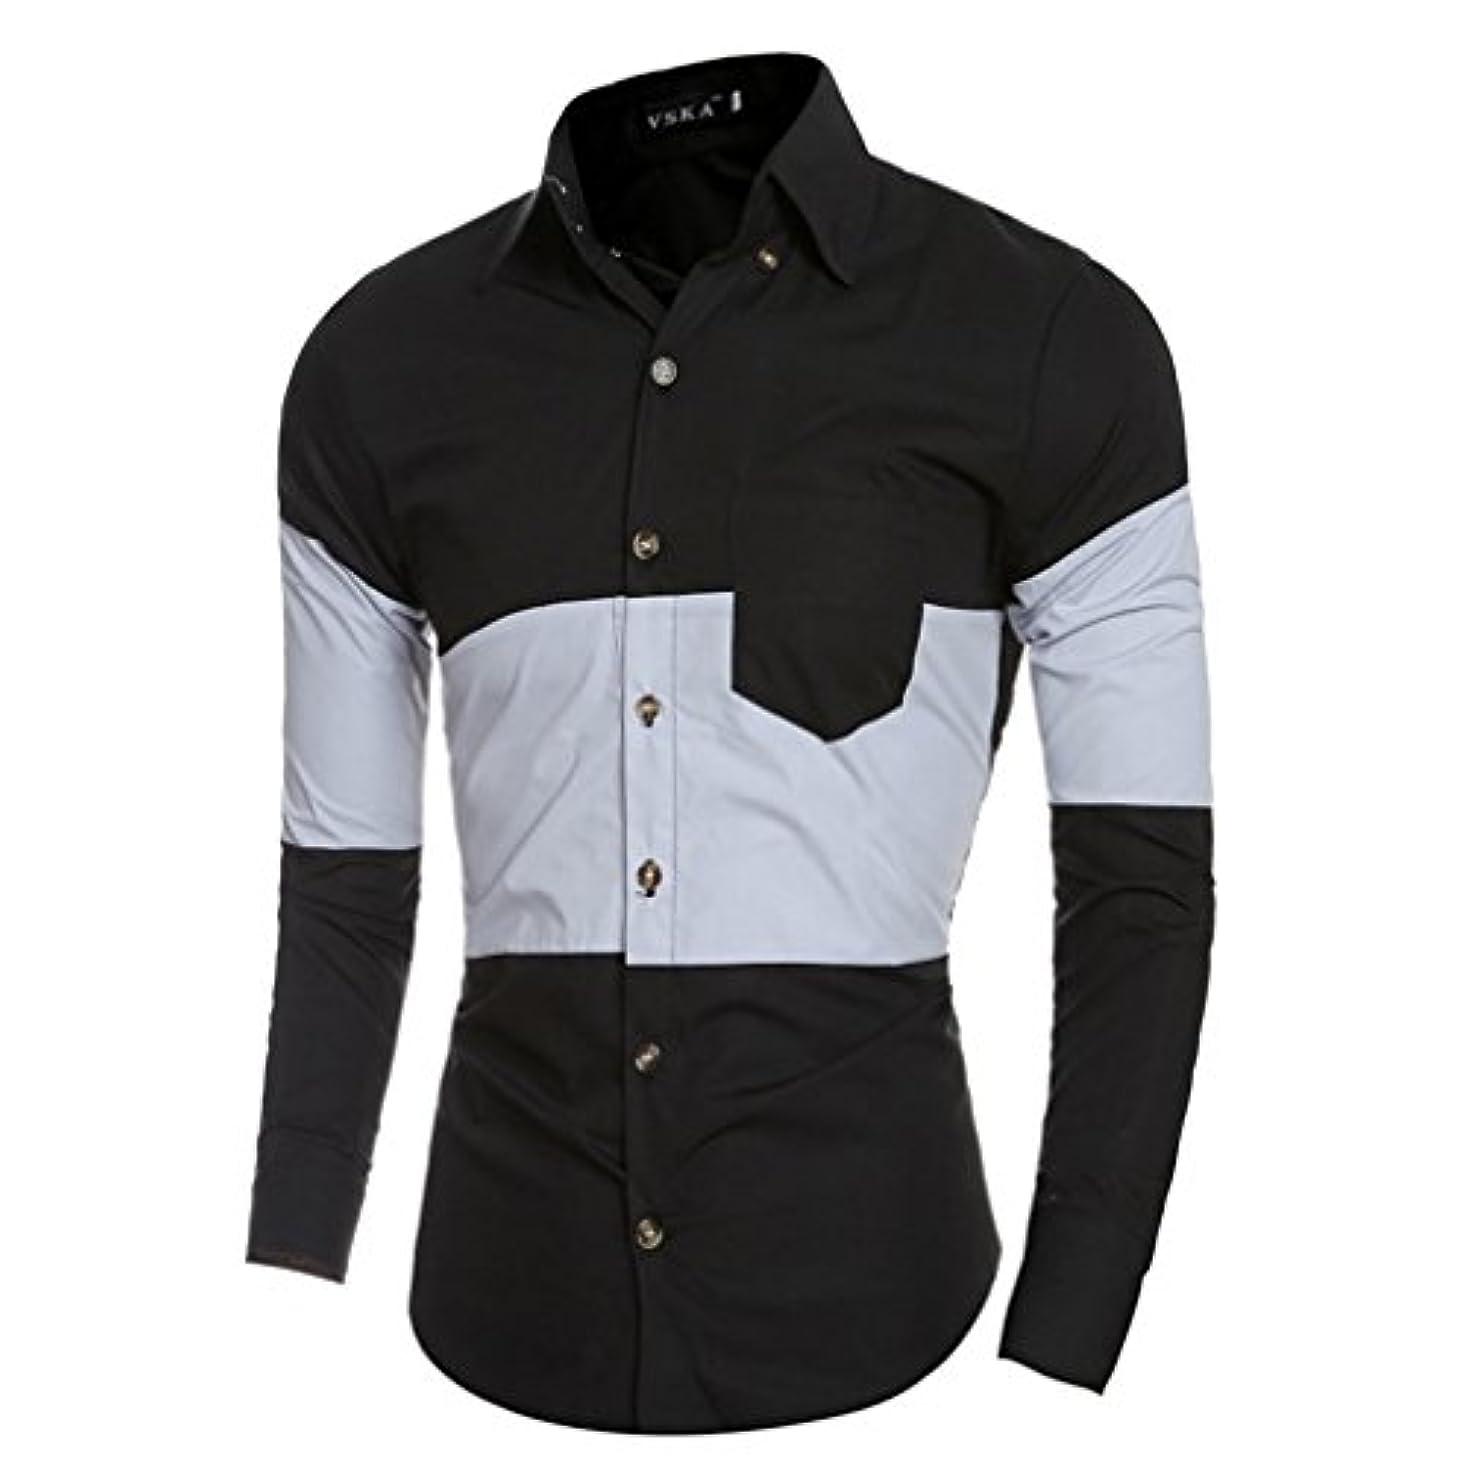 クラック触覚最も早いHonghu メンズ シャツ 長袖   ステッチ カジュアル スリム ブラック L 1PC